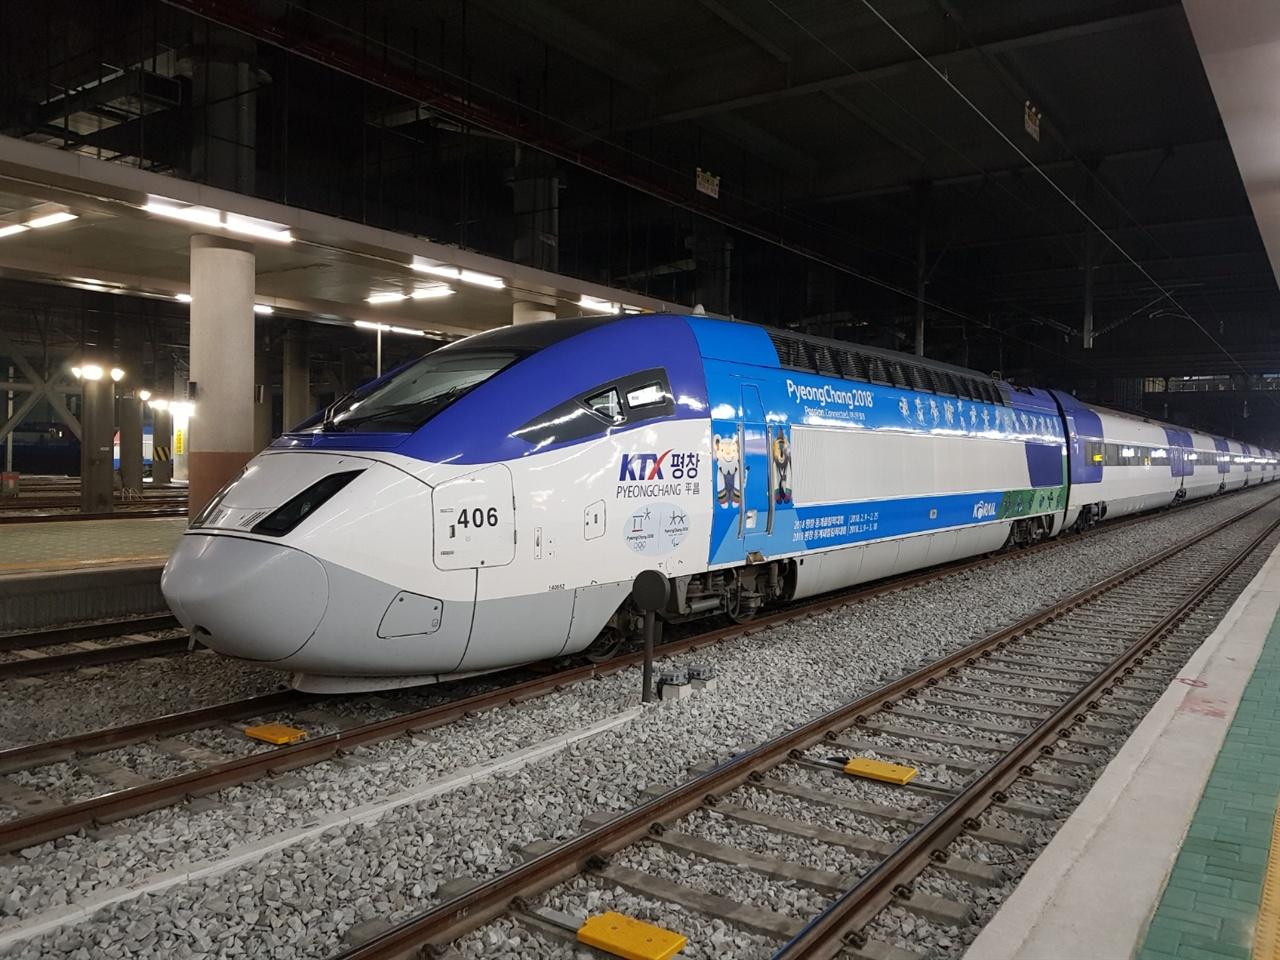 KTX를 타고 '당일치기 일출여행'이 가능하게 된 것은 올림픽 덕분이라 할 수 있다. 강릉 가는 KTX-평창 열차.